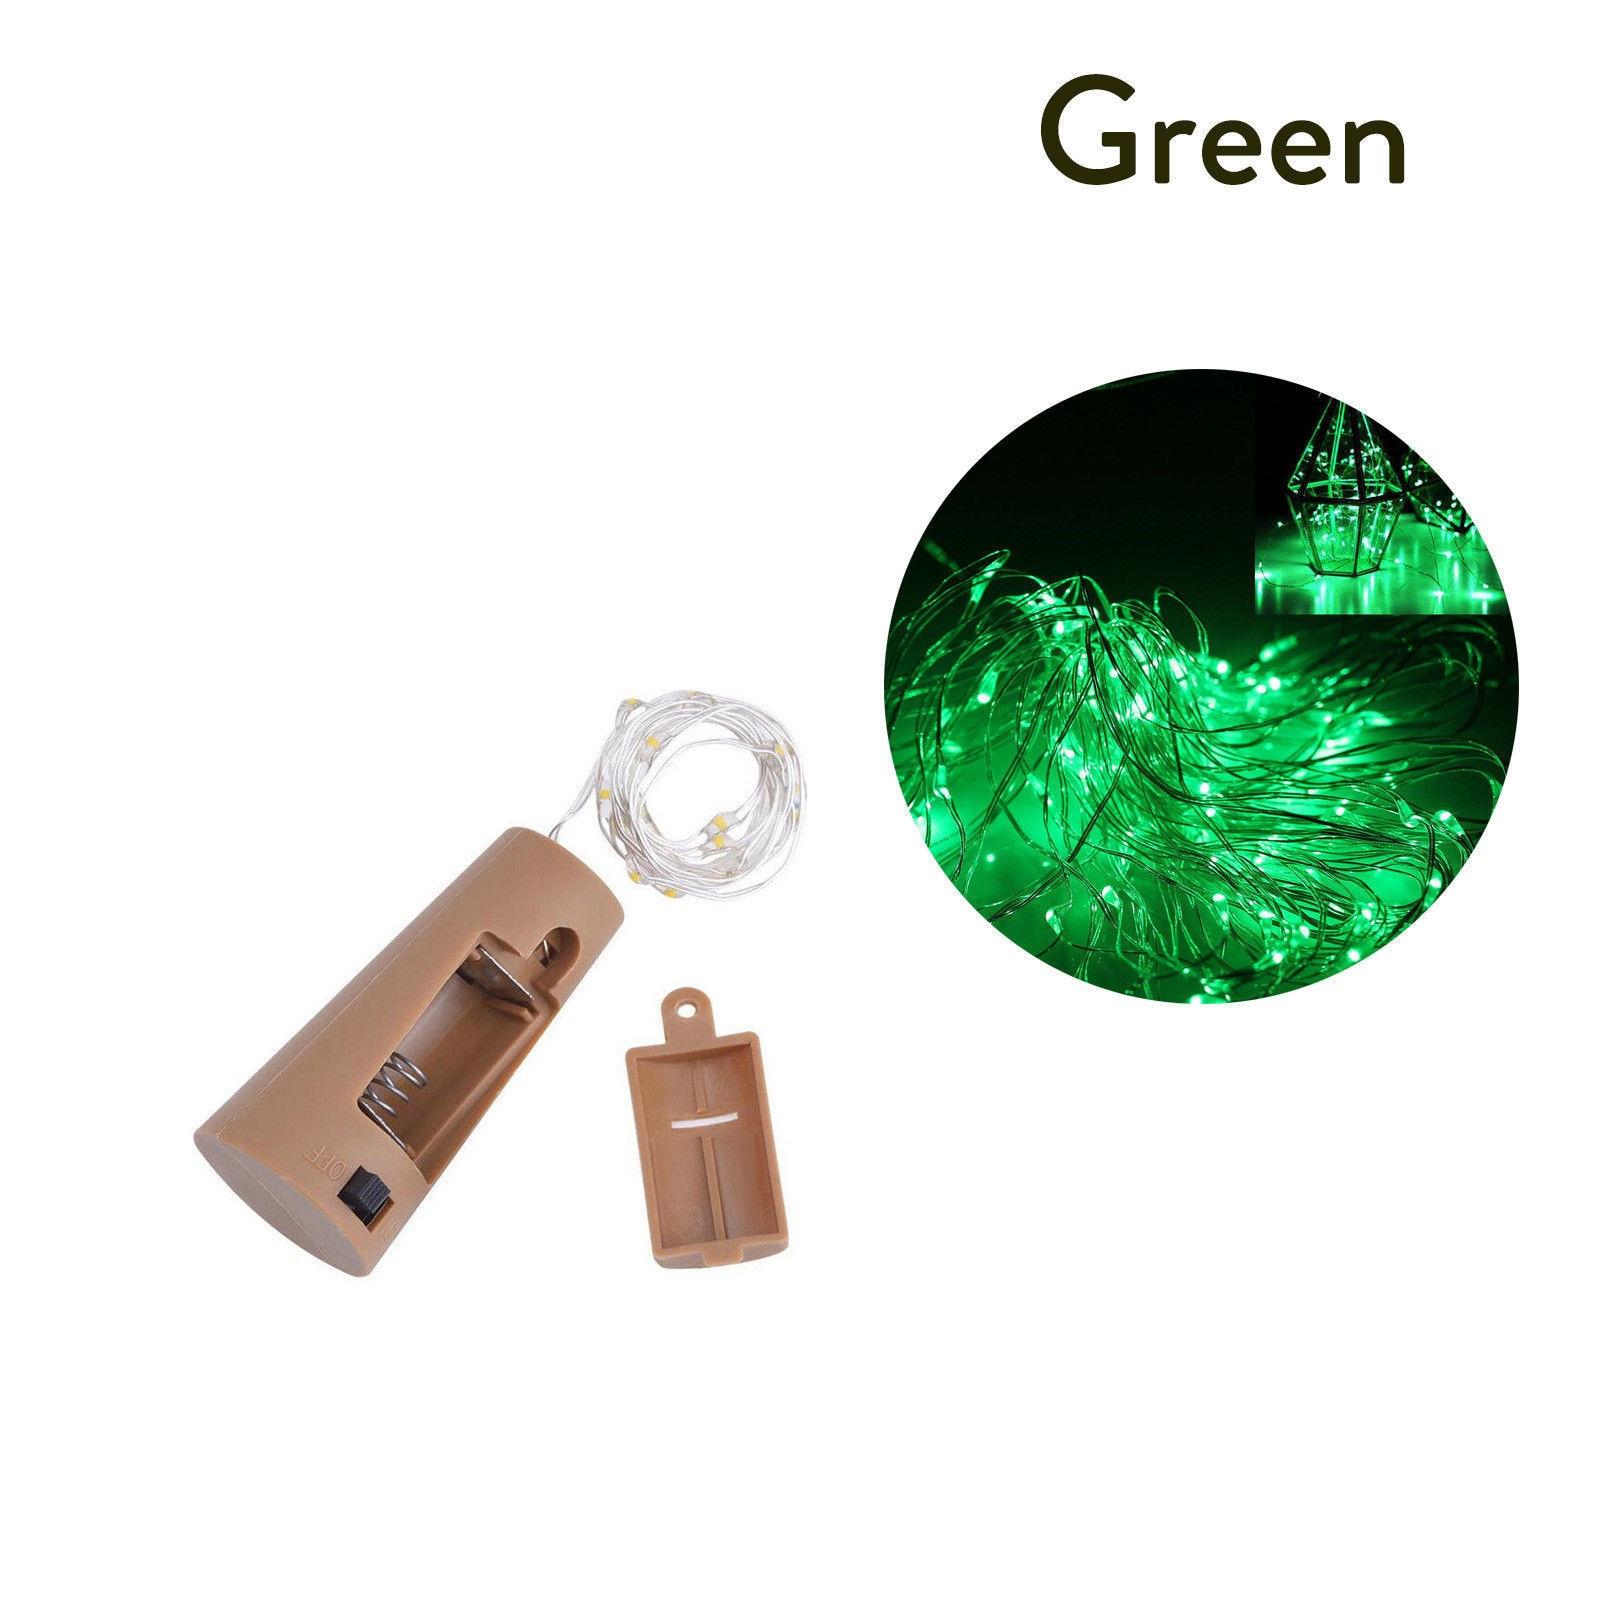 10 20 30 светодиодный s пробковый светодиодный светильник, медная проволока, праздничный уличный Сказочный светильник s для рождественской вечеринки, свадебного украшения - Испускаемый цвет: Зеленый